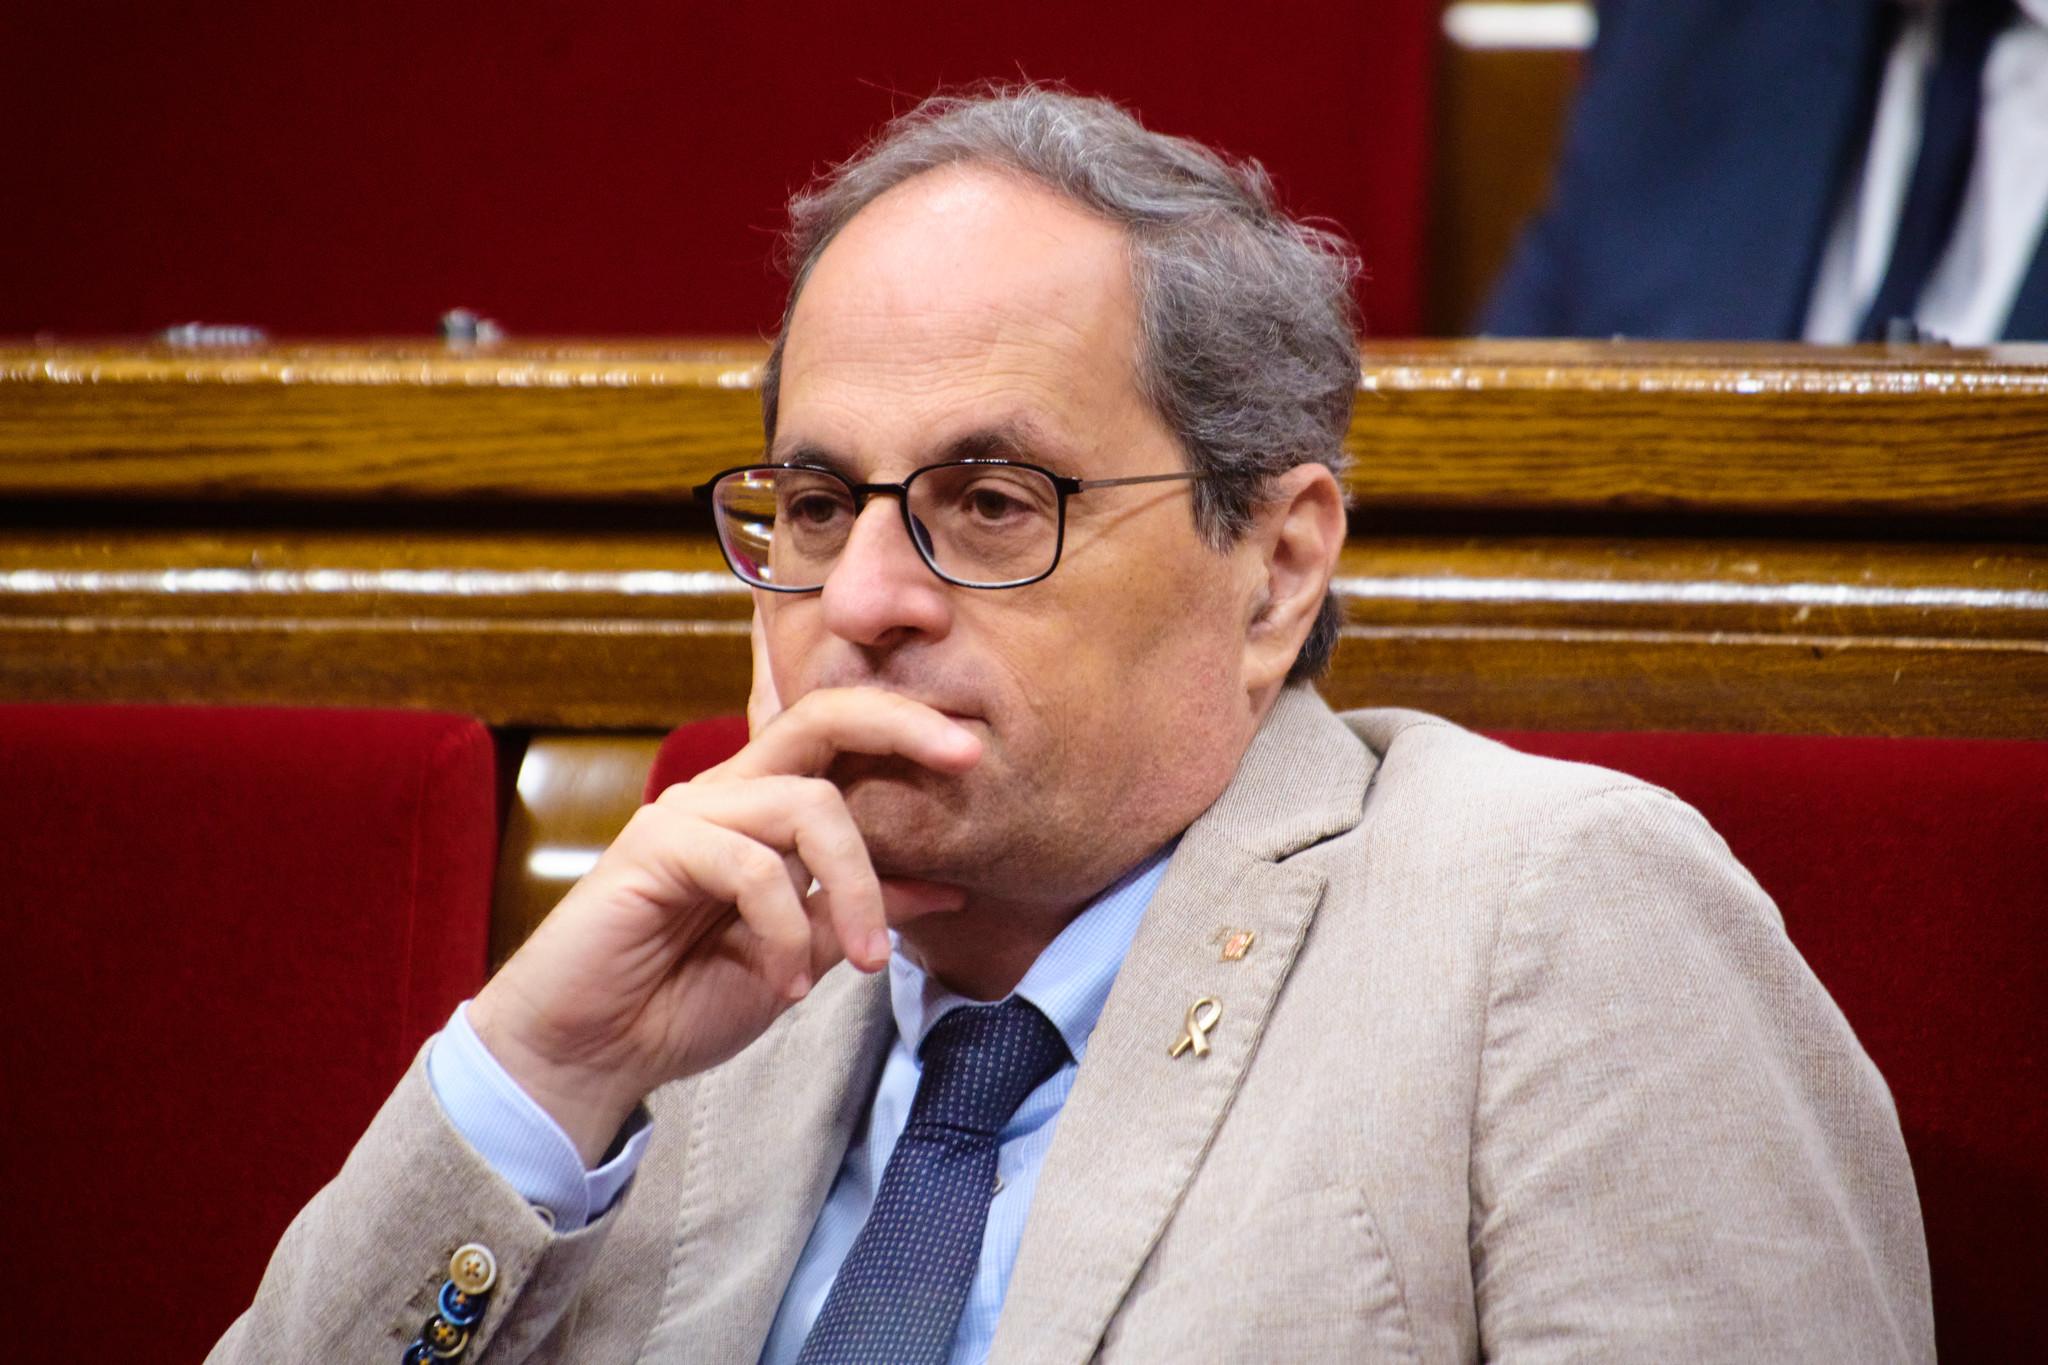 El expresidente de la Generalitat, Quim Torra, durante una sesión de control al Govern en la pasada legislatura / Julio Díaz